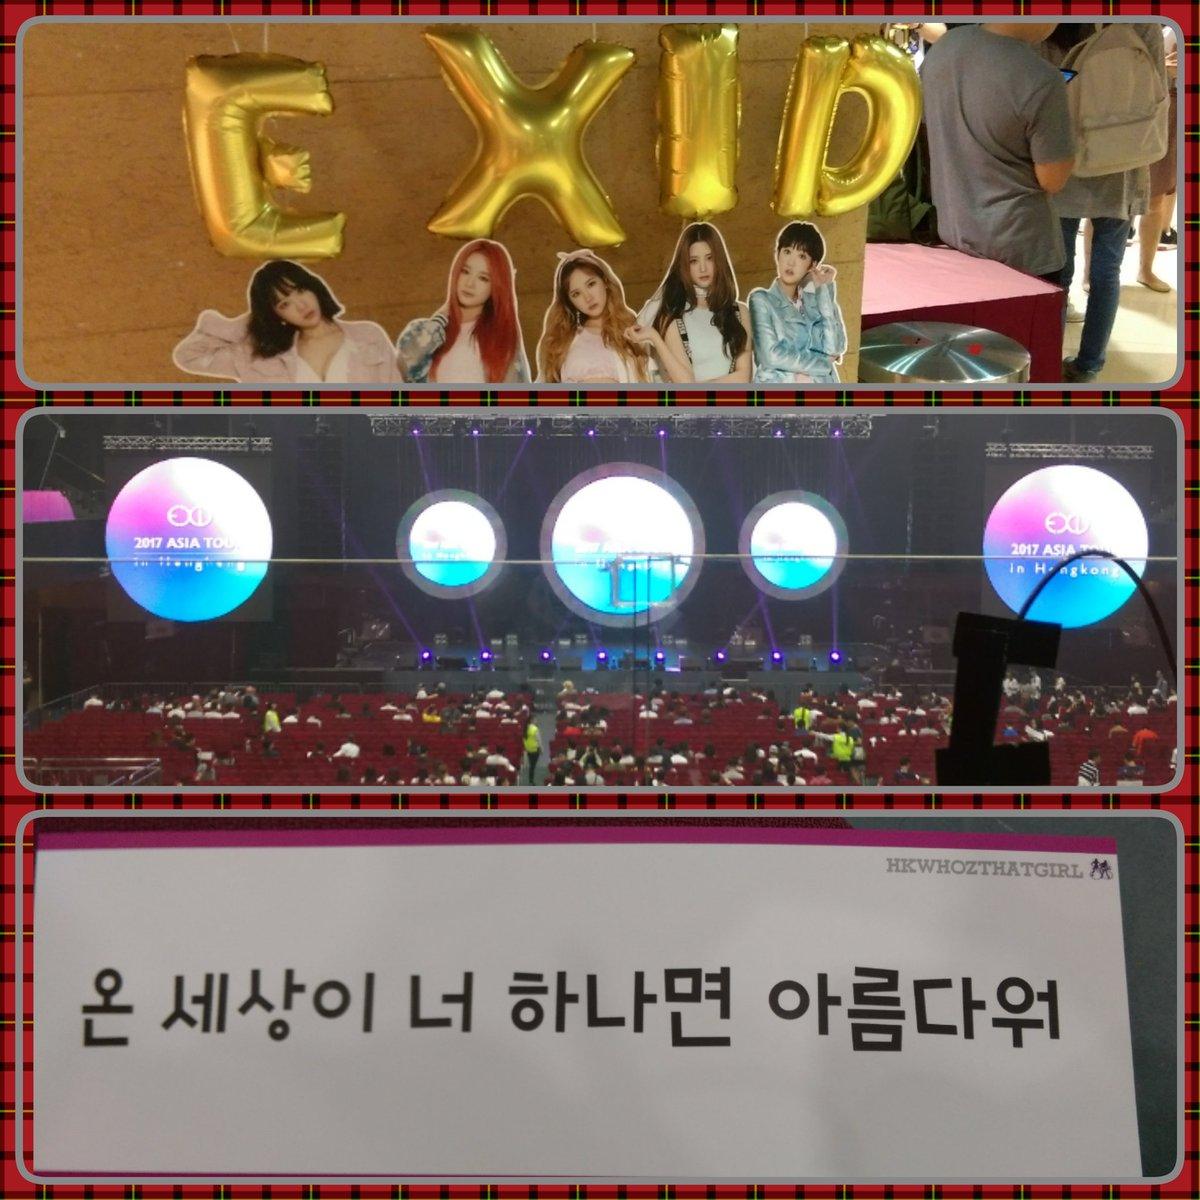 跟 fans club 訂飛既好處?? 竟然係看台區第一行,仲要正中間 終於可以親眼睇到 #EXID 啦~~ #exidasiatour2017 #Hani #LE #Junghwa #Solji #Hyelinpic.twitter.com/Y5xXrkCqty